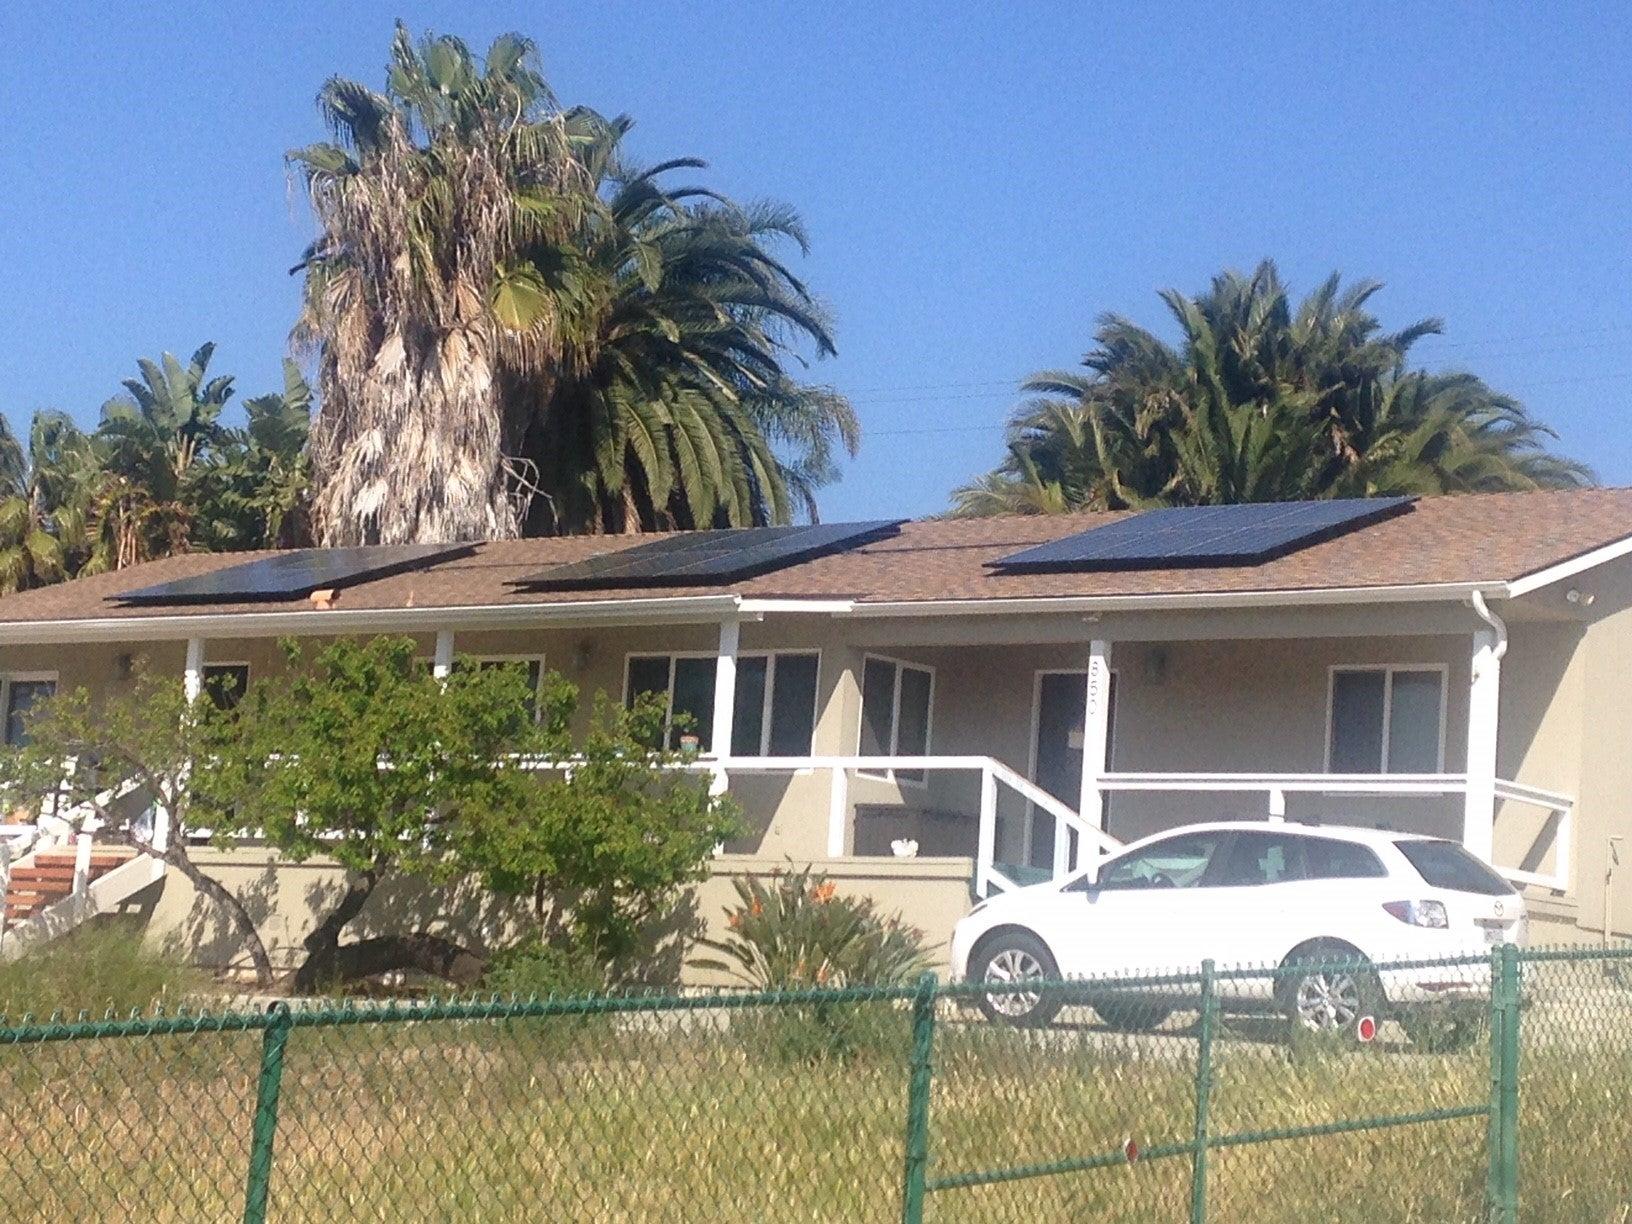 5.76 kW system Solana Beach